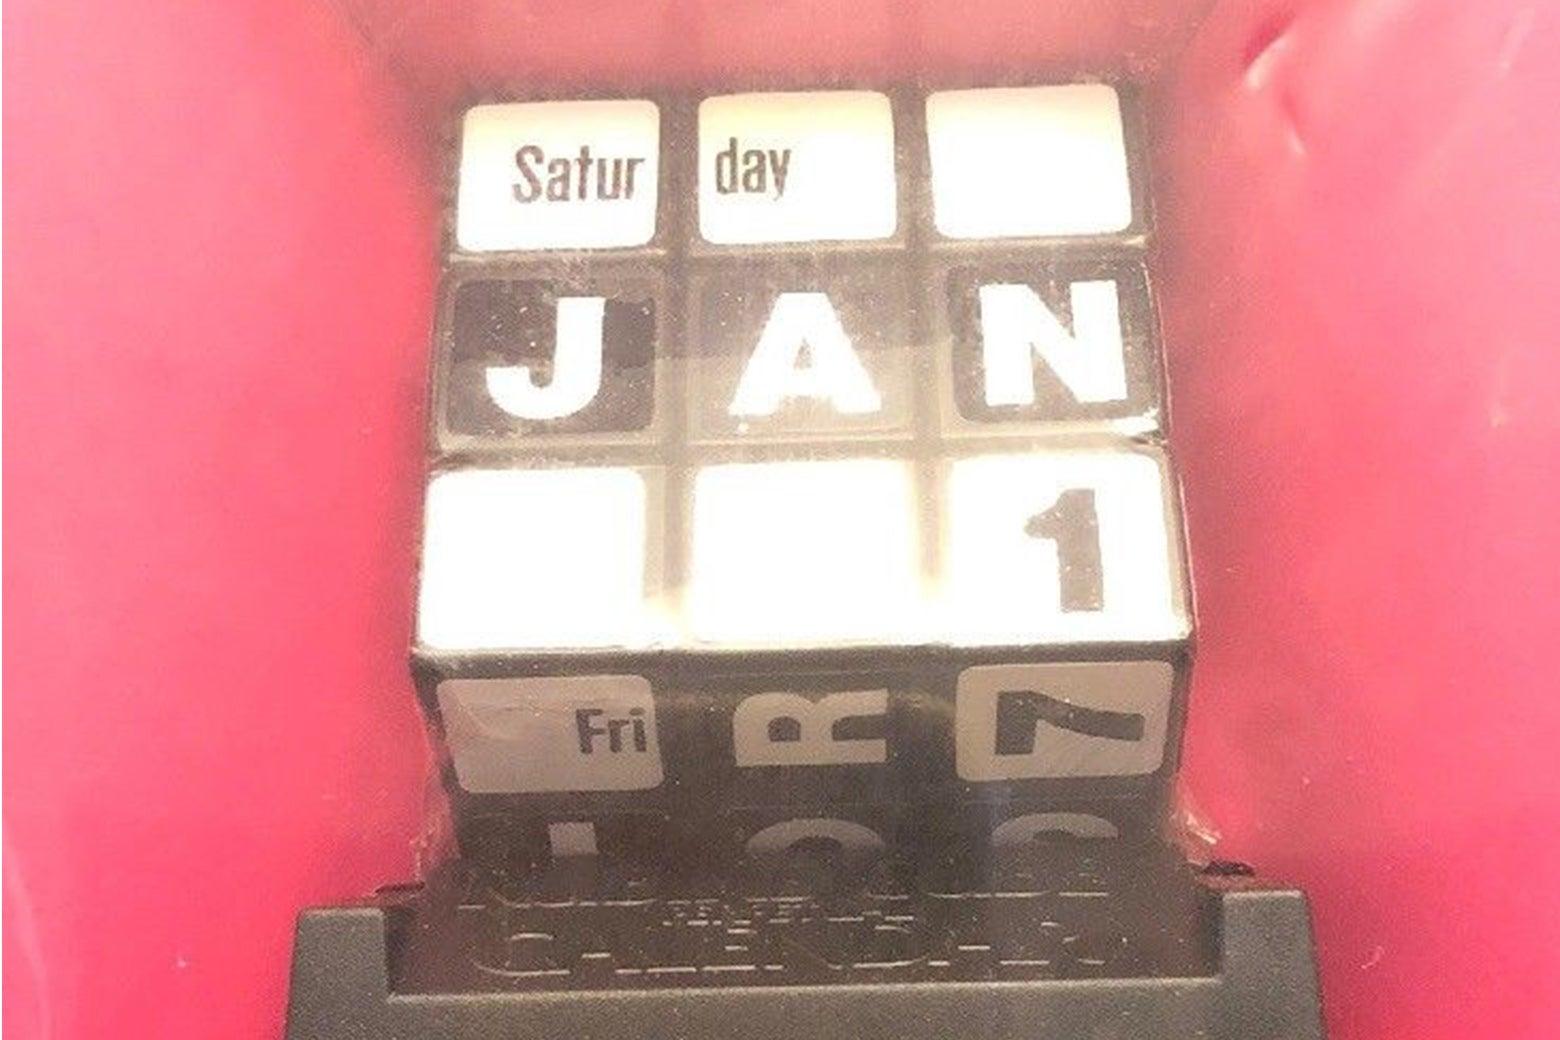 A Rubik's Cube perpetual calendar.